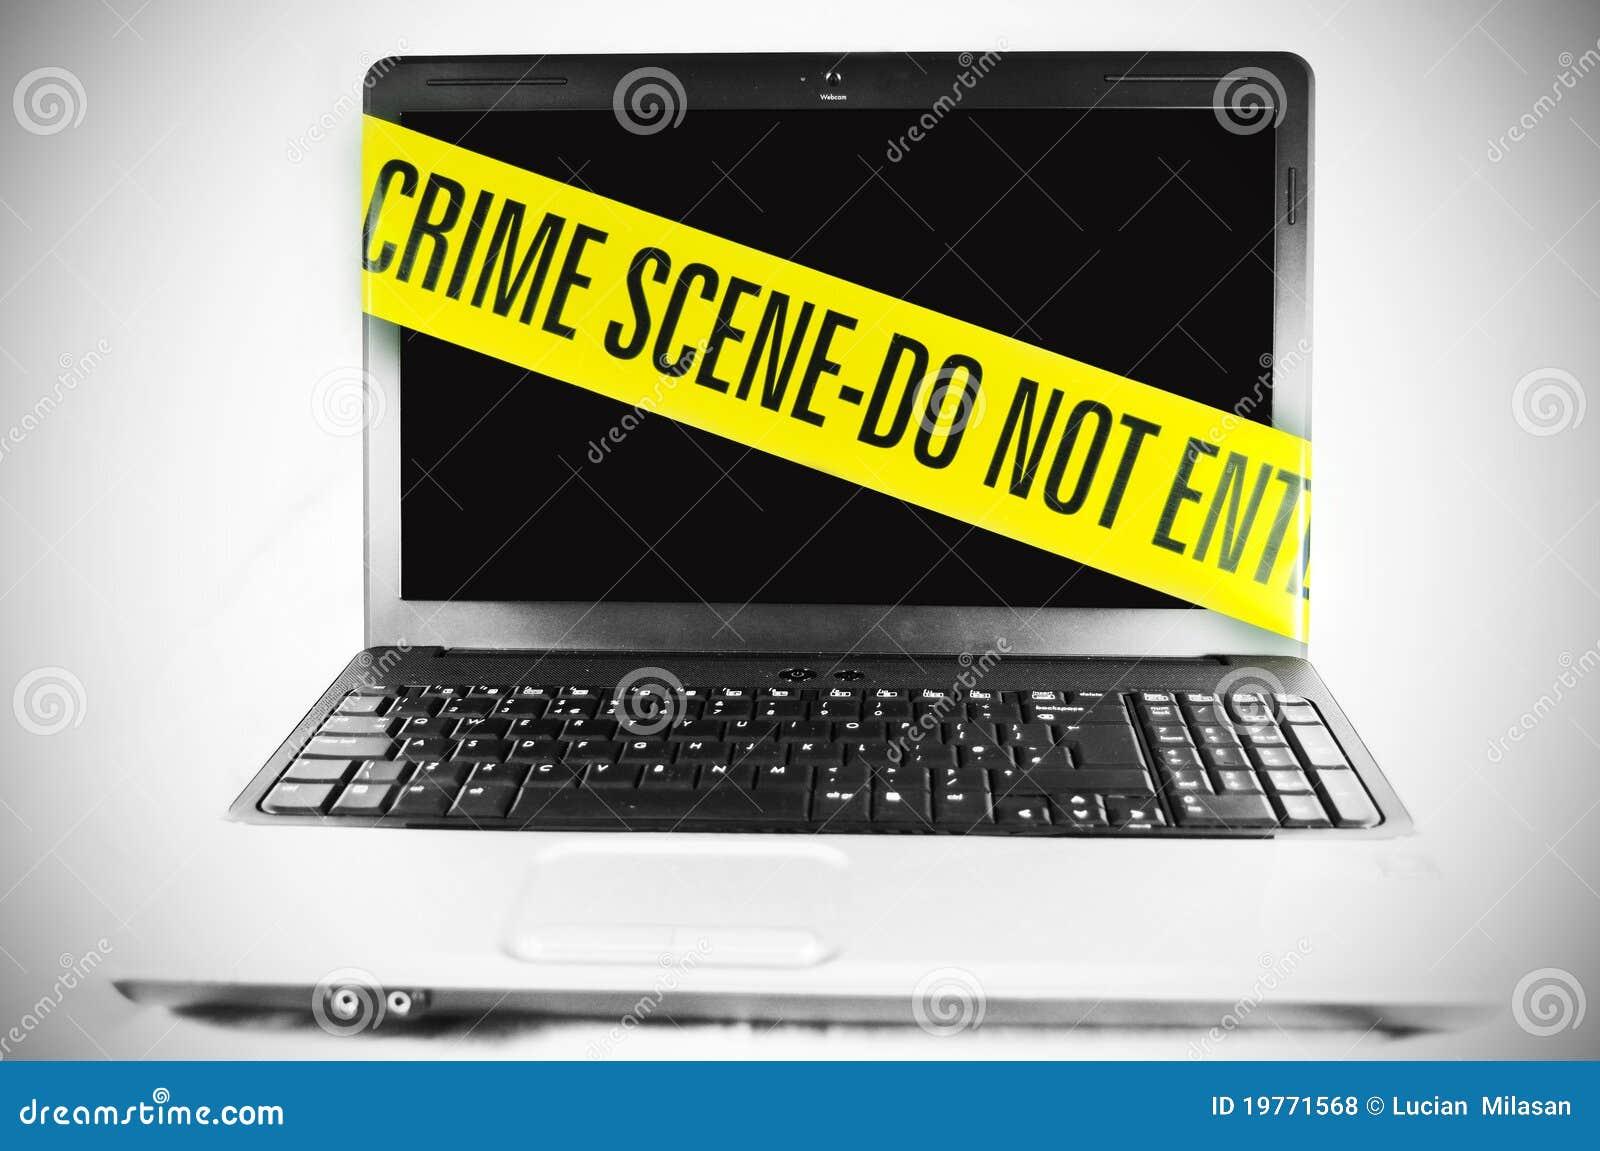 credit card fraud essay